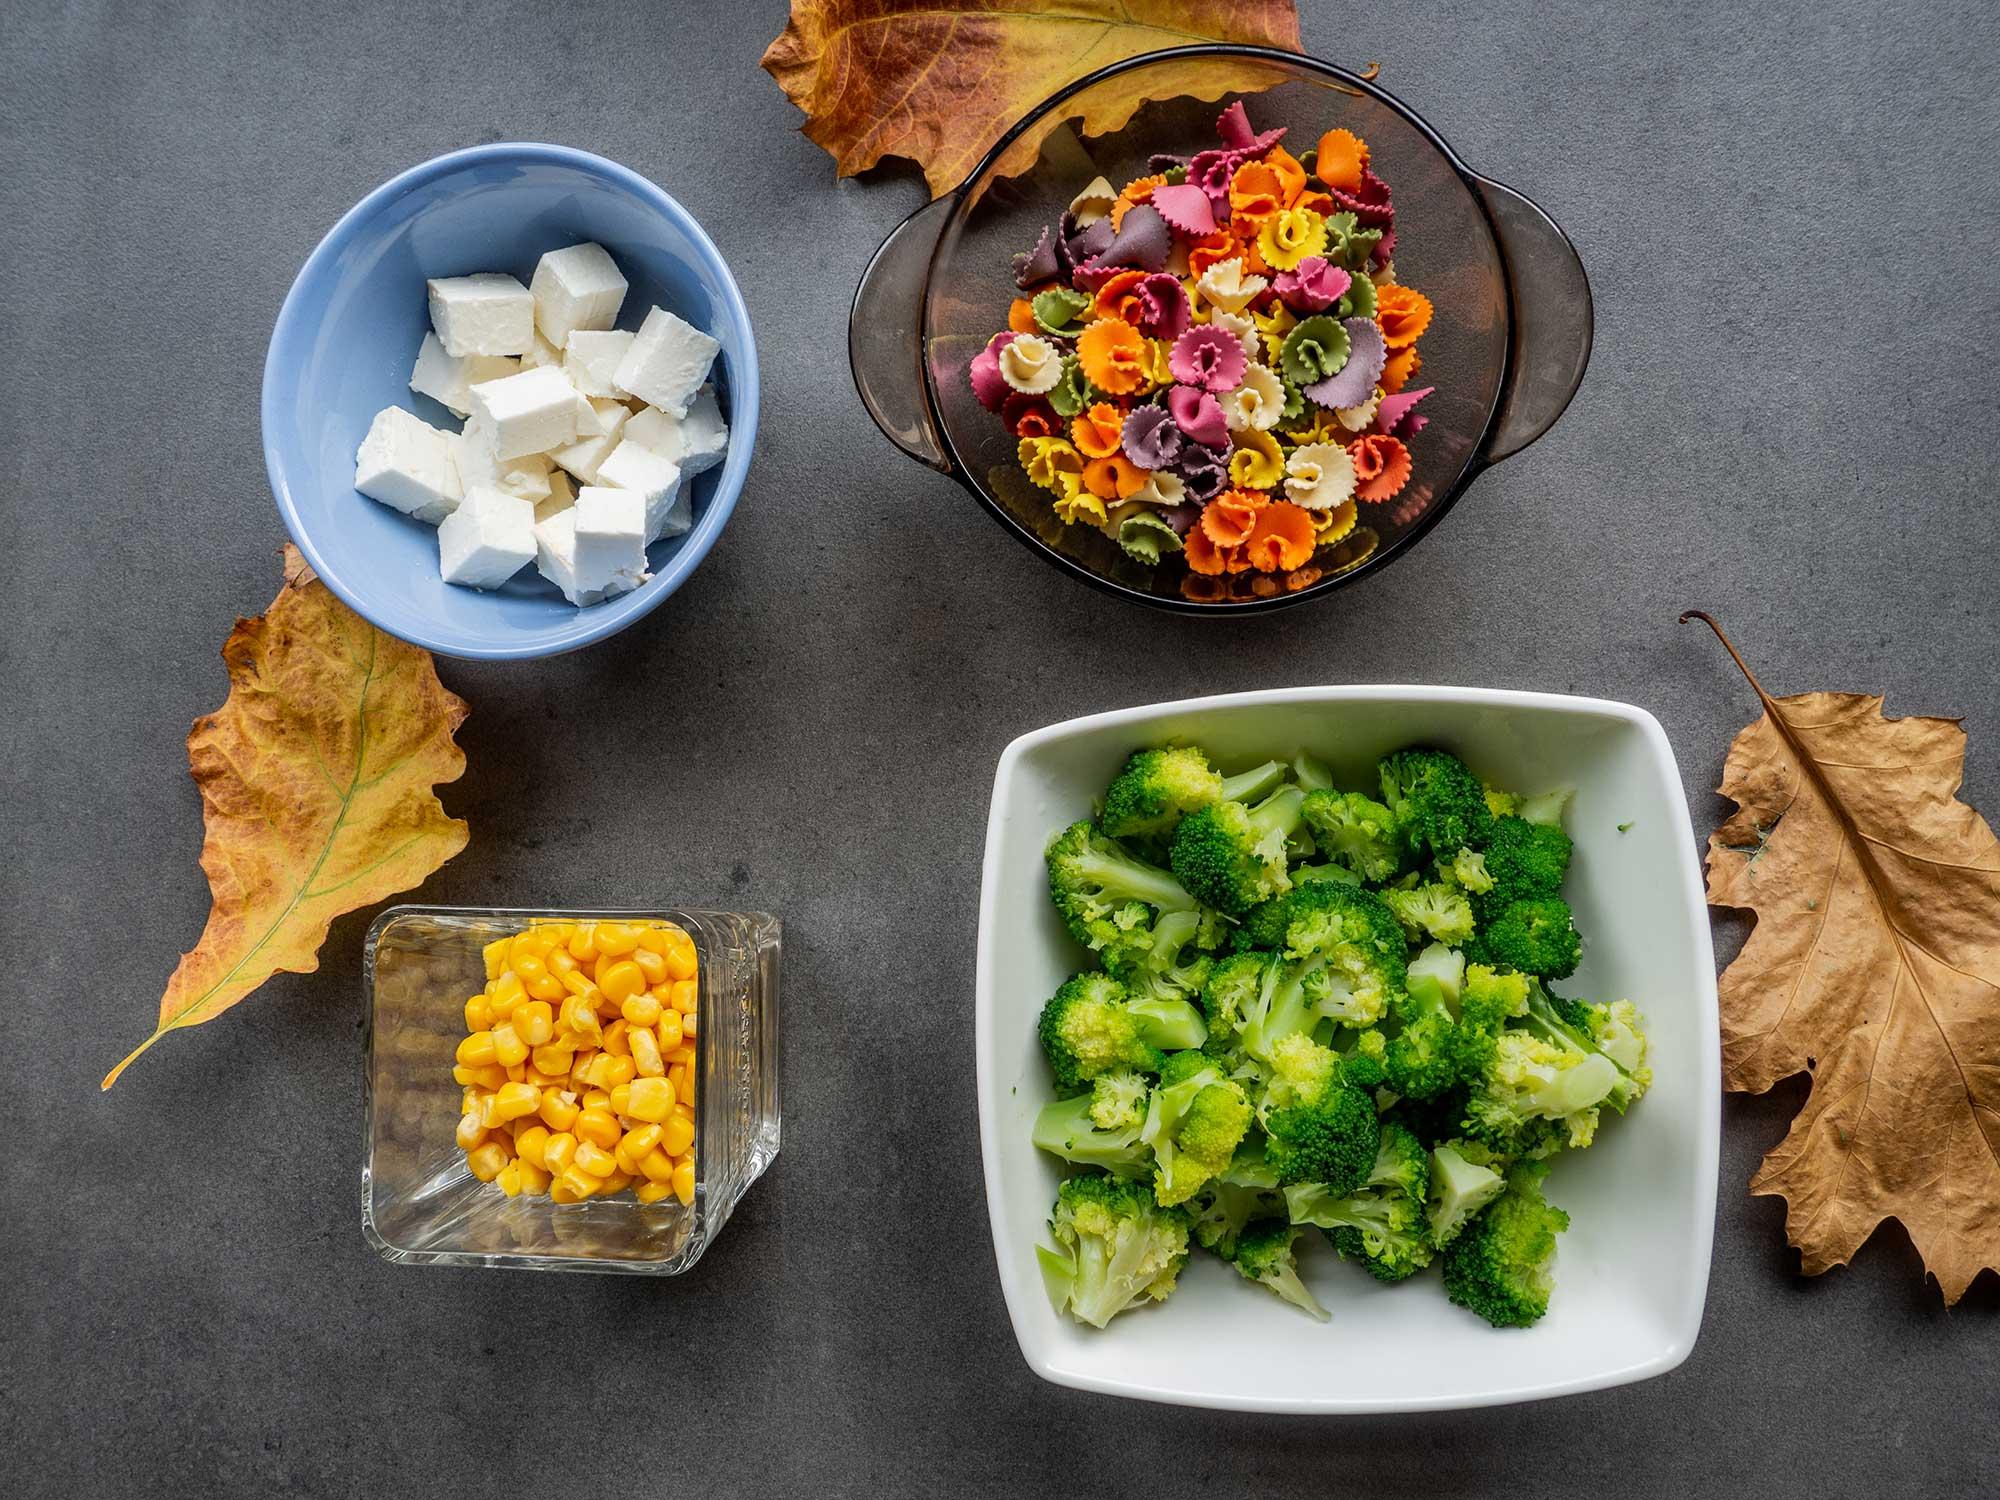 Feta Cheese, broccoli, pasta, corn